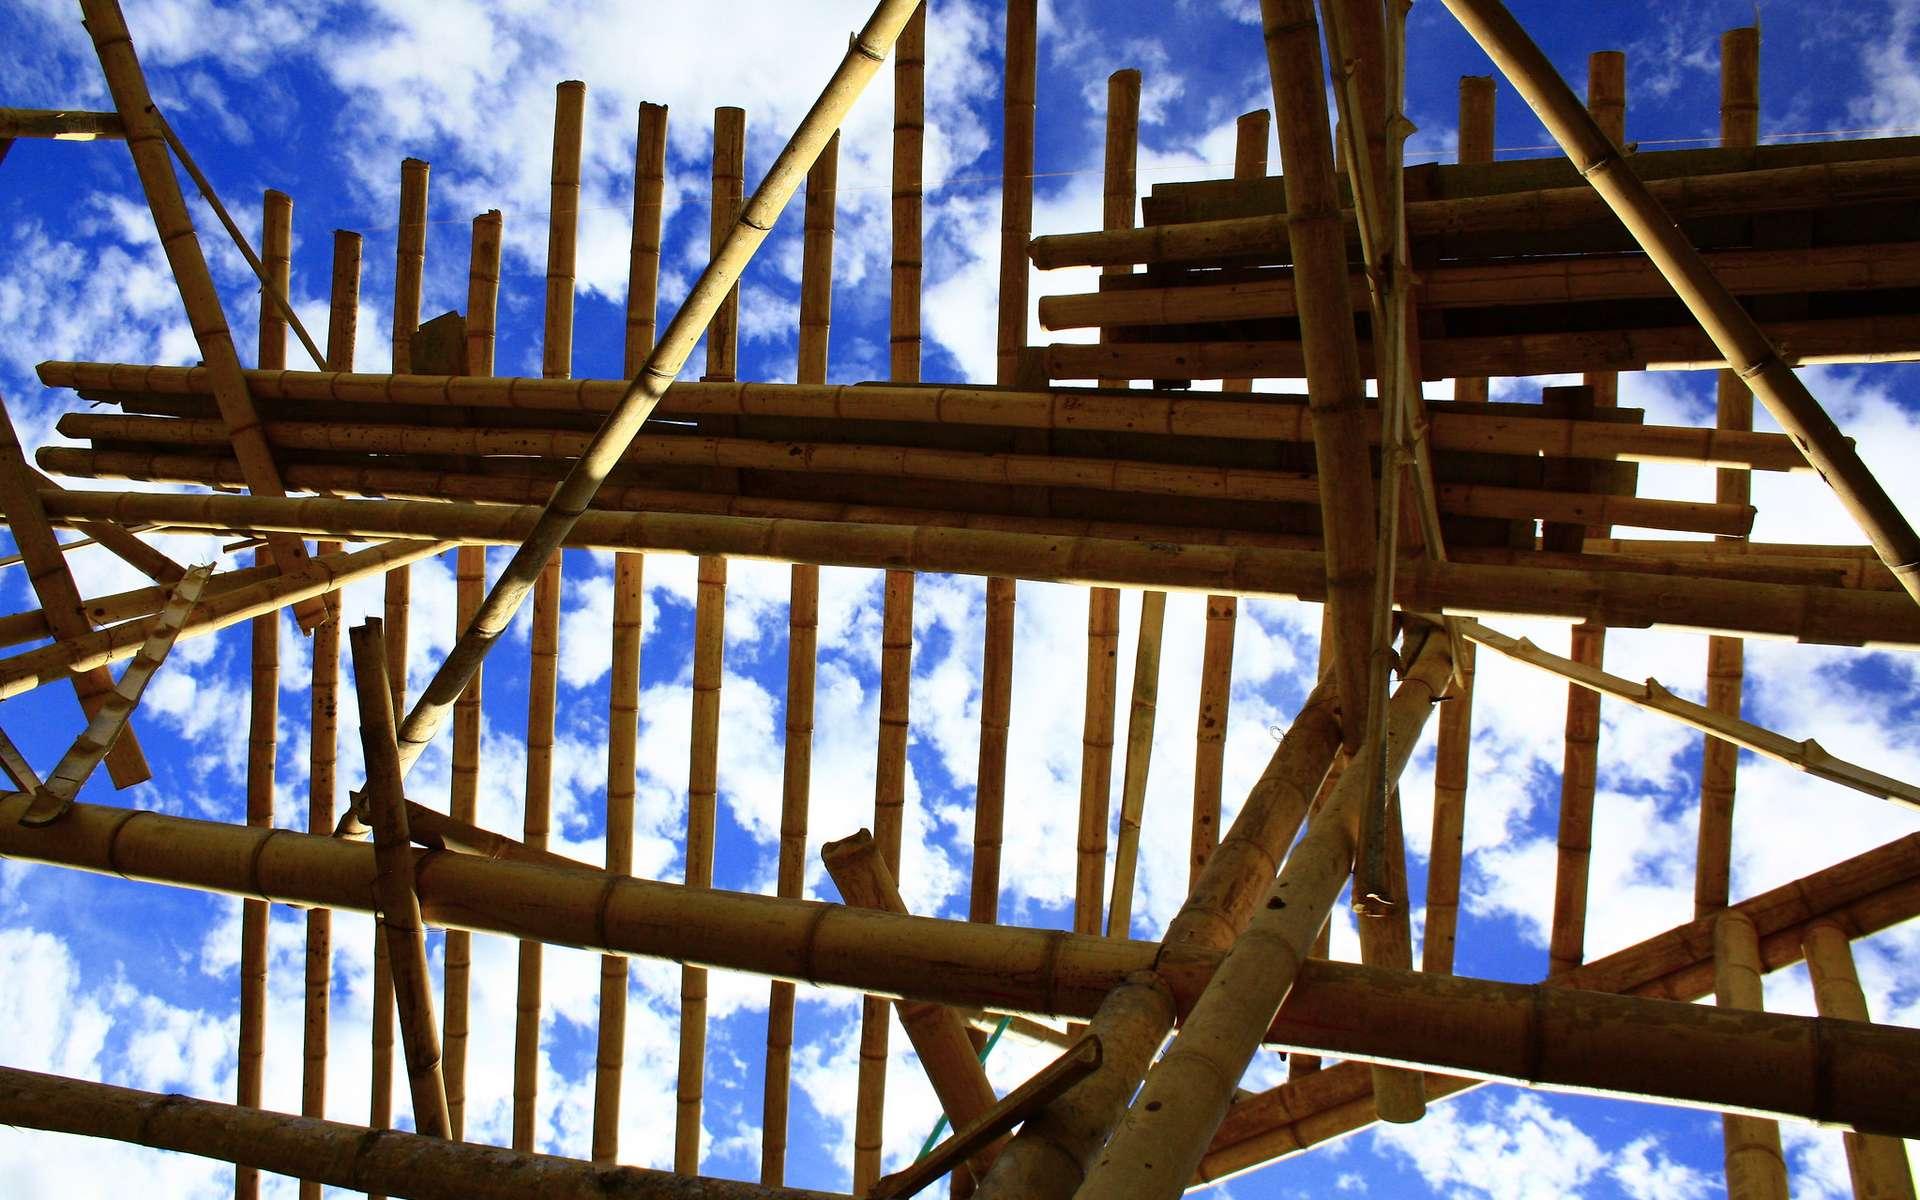 Le bambou est traditionnellement utilisé comme matériau de construction en Asie. © Carolina Zuluaga, Flickr